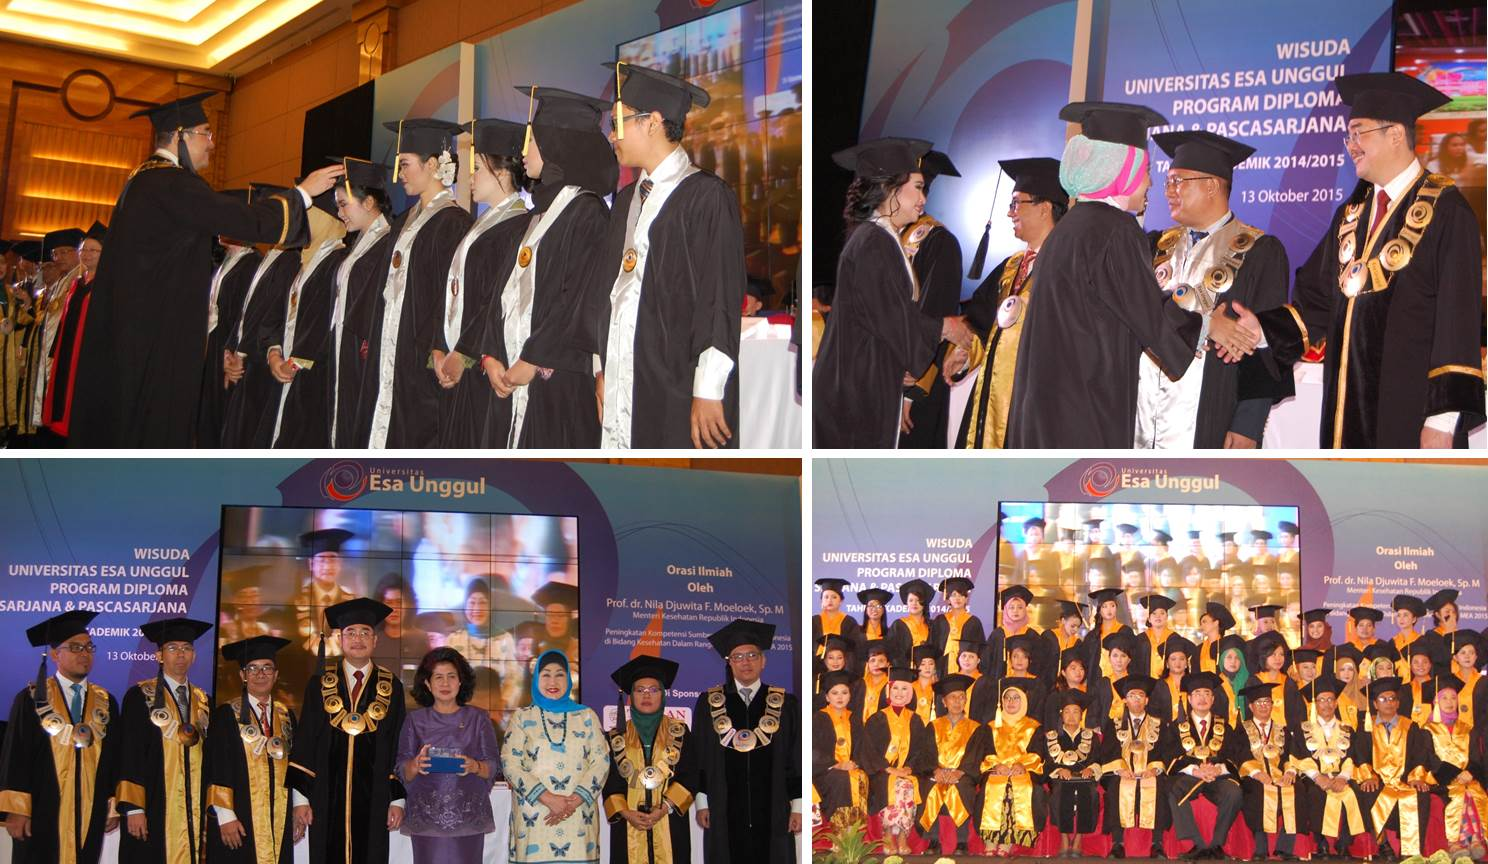 Universitas Esa Unggul Mewisuda 1.420 Lulusan yang Kompeten, Siap Bersaing di Dunia Kerja dan Usaha pada 13 Oktober 2015